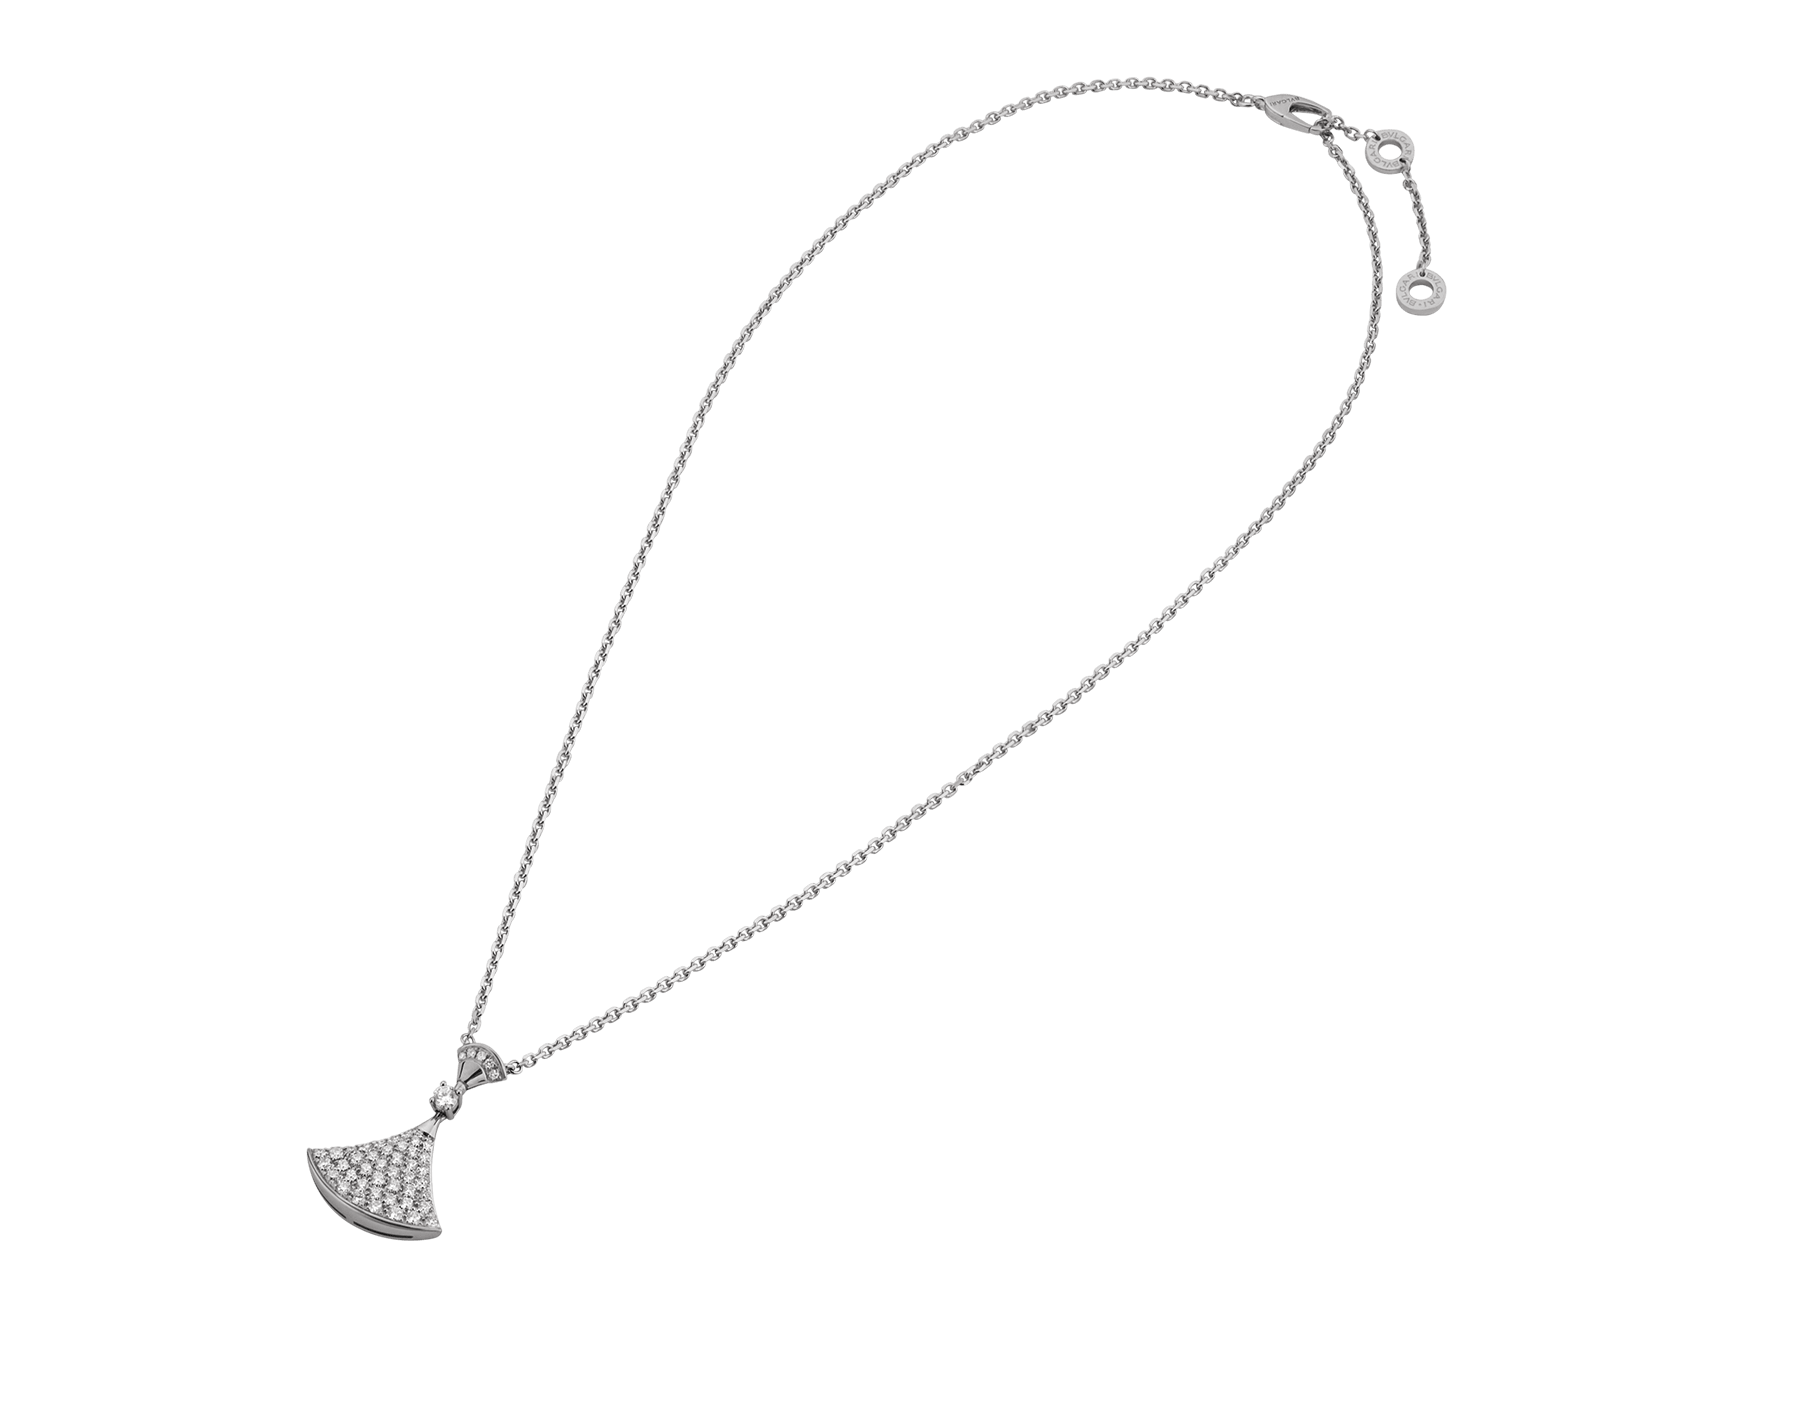 Collier DIVAS' DREAM en or blanc 18K avec pendentif avec un diamant et pavé diamants. 350066 image 2